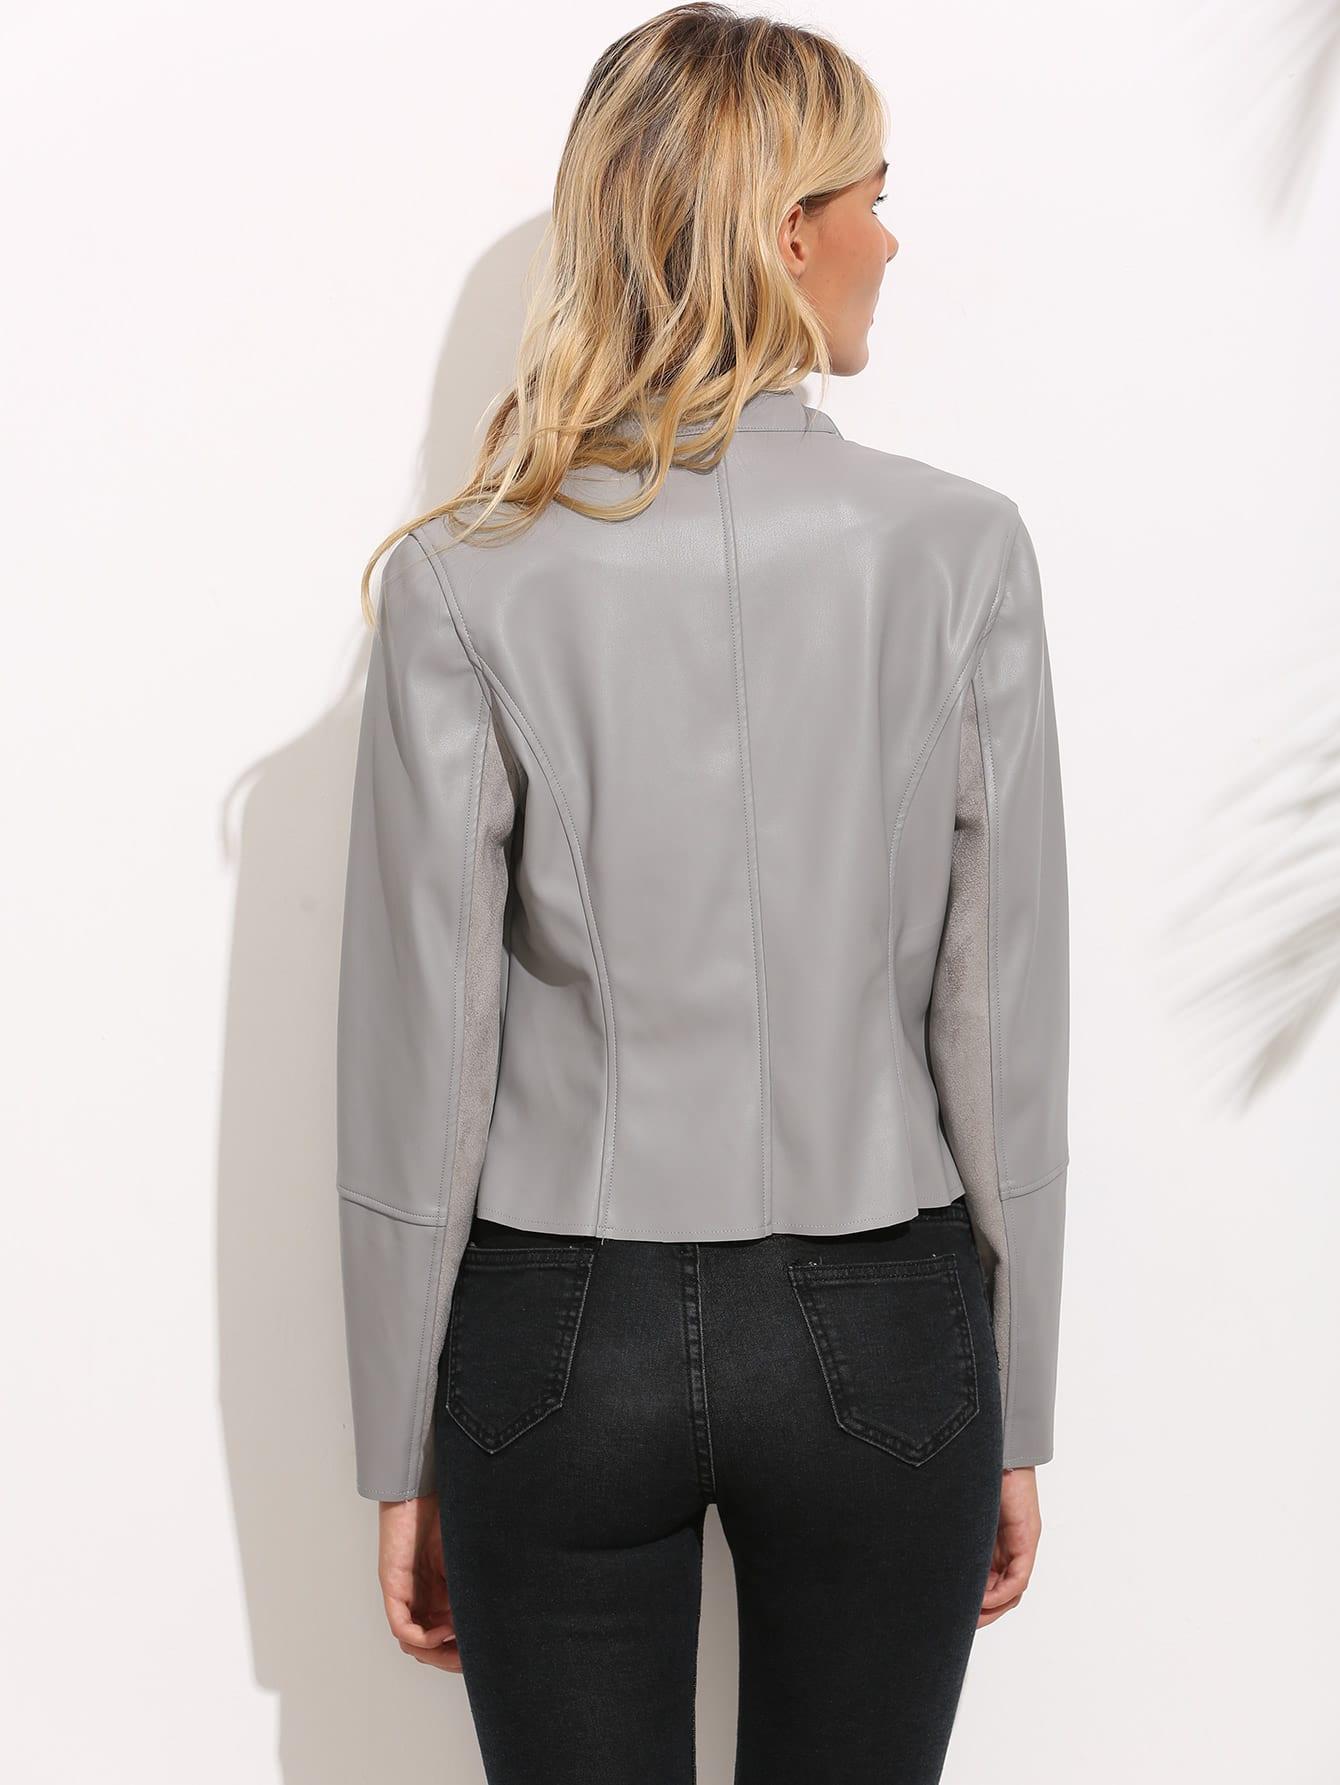 jacket160822701_2